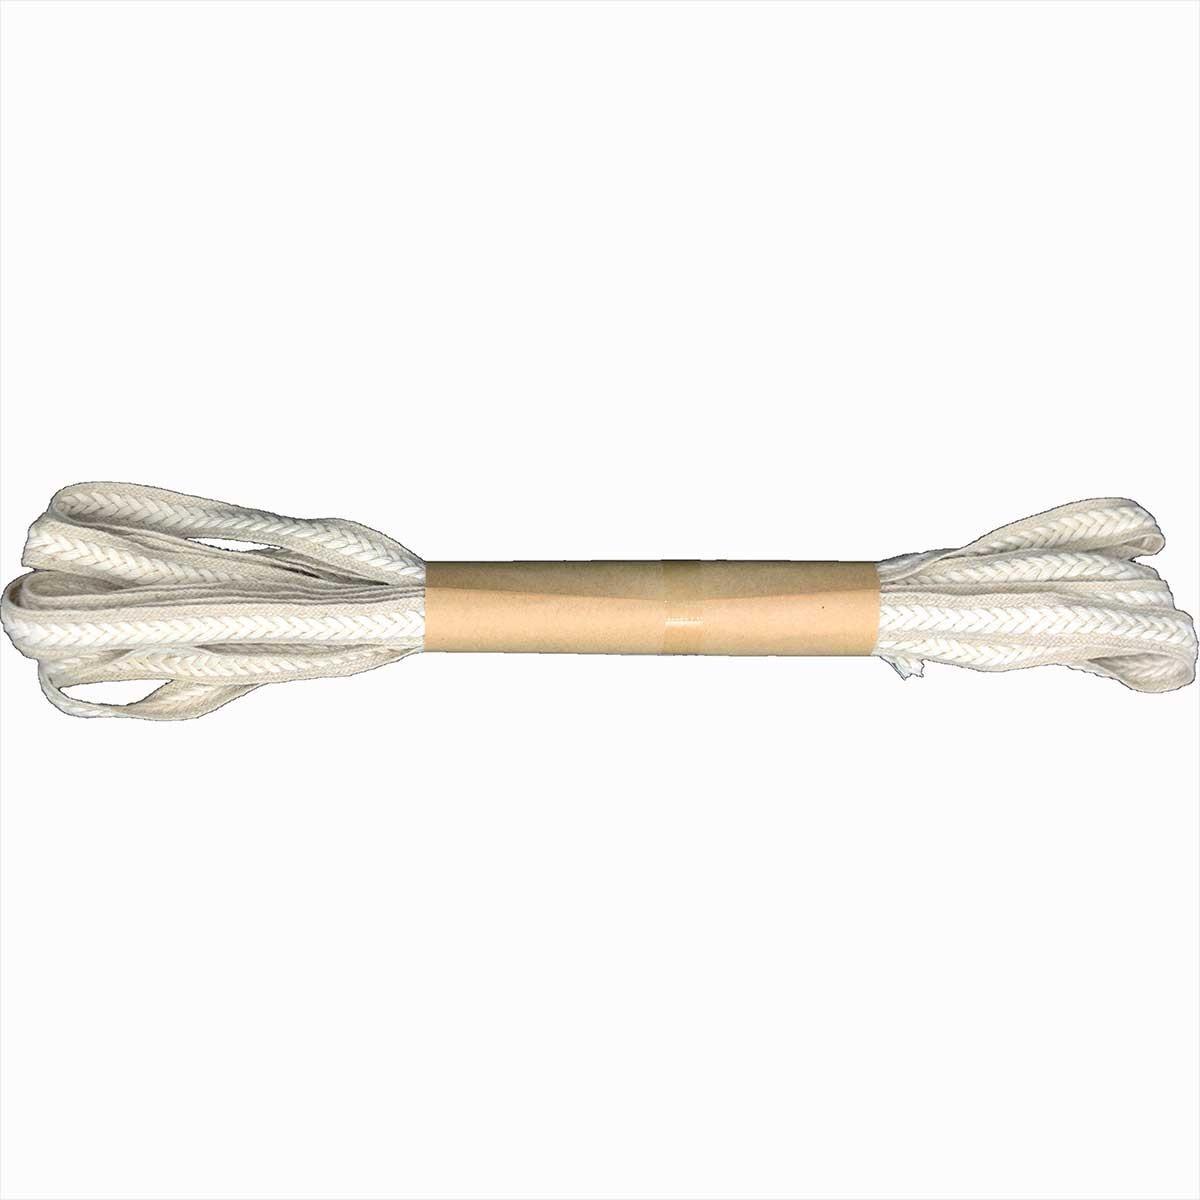 Corda Piatta con treccia 12mm - 5 metri